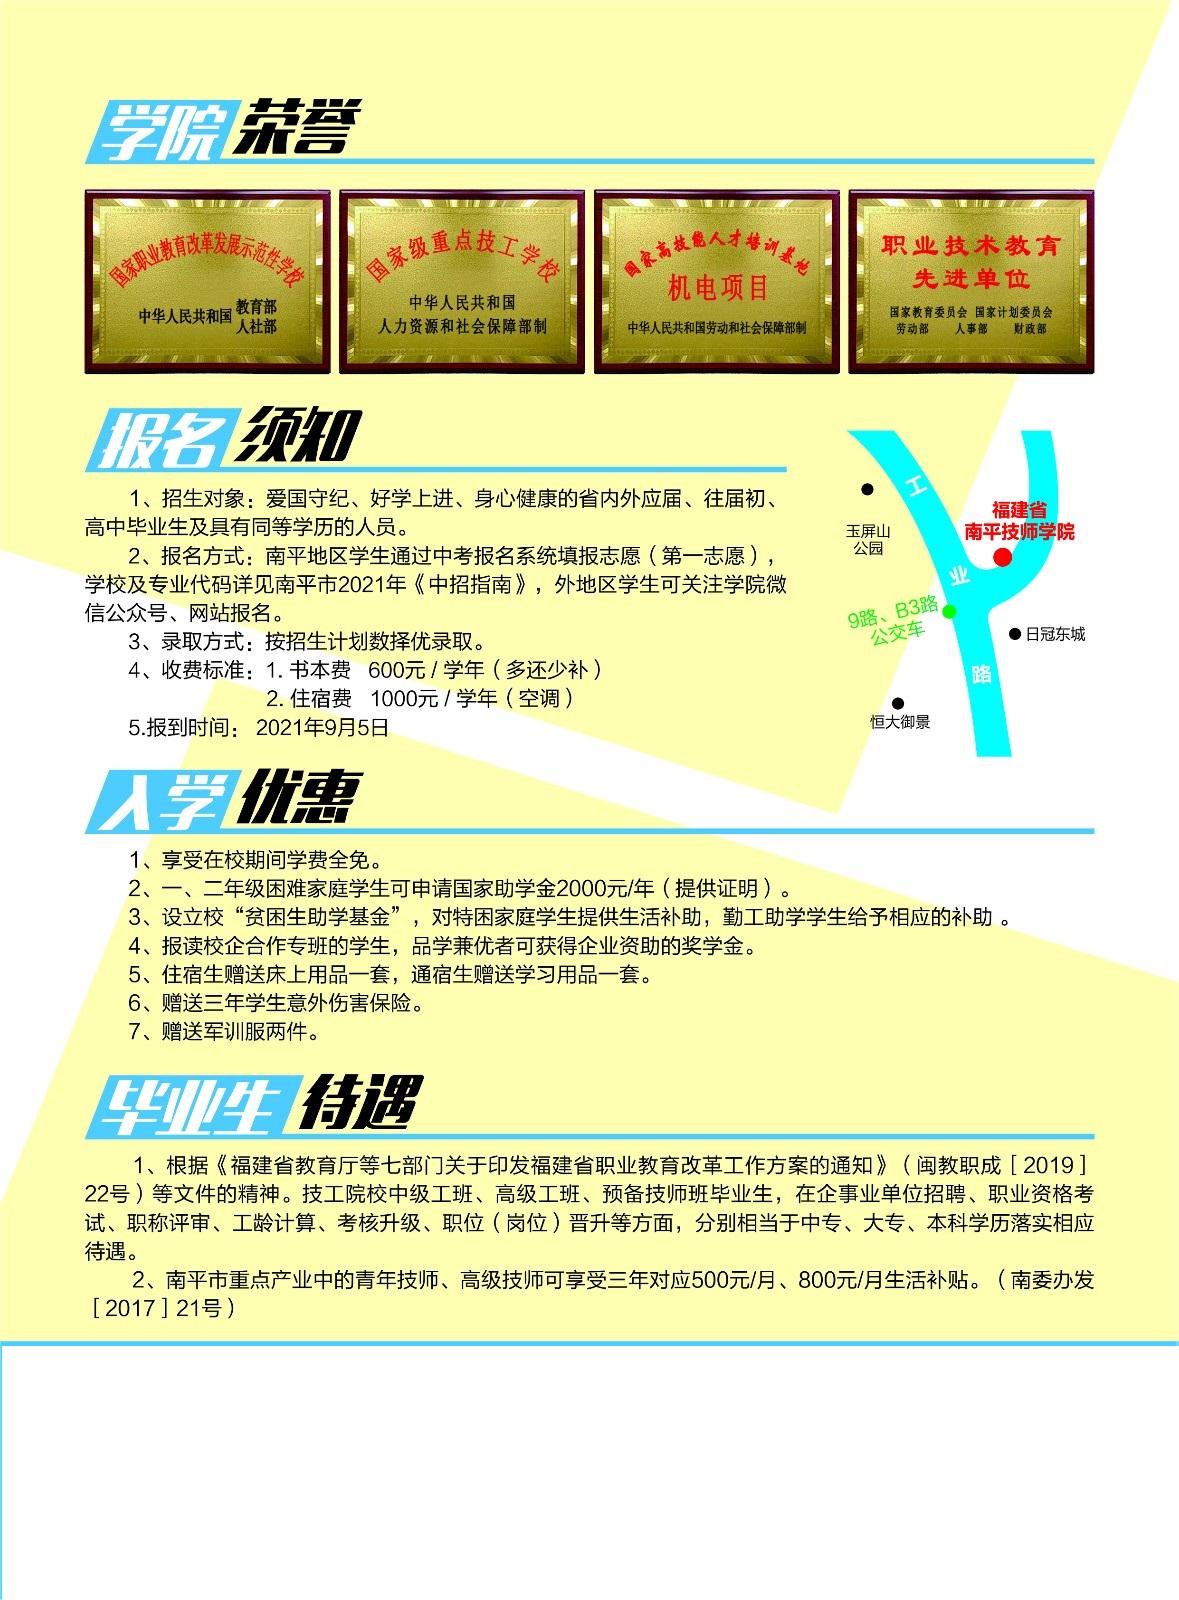 南平技师学院招生简章